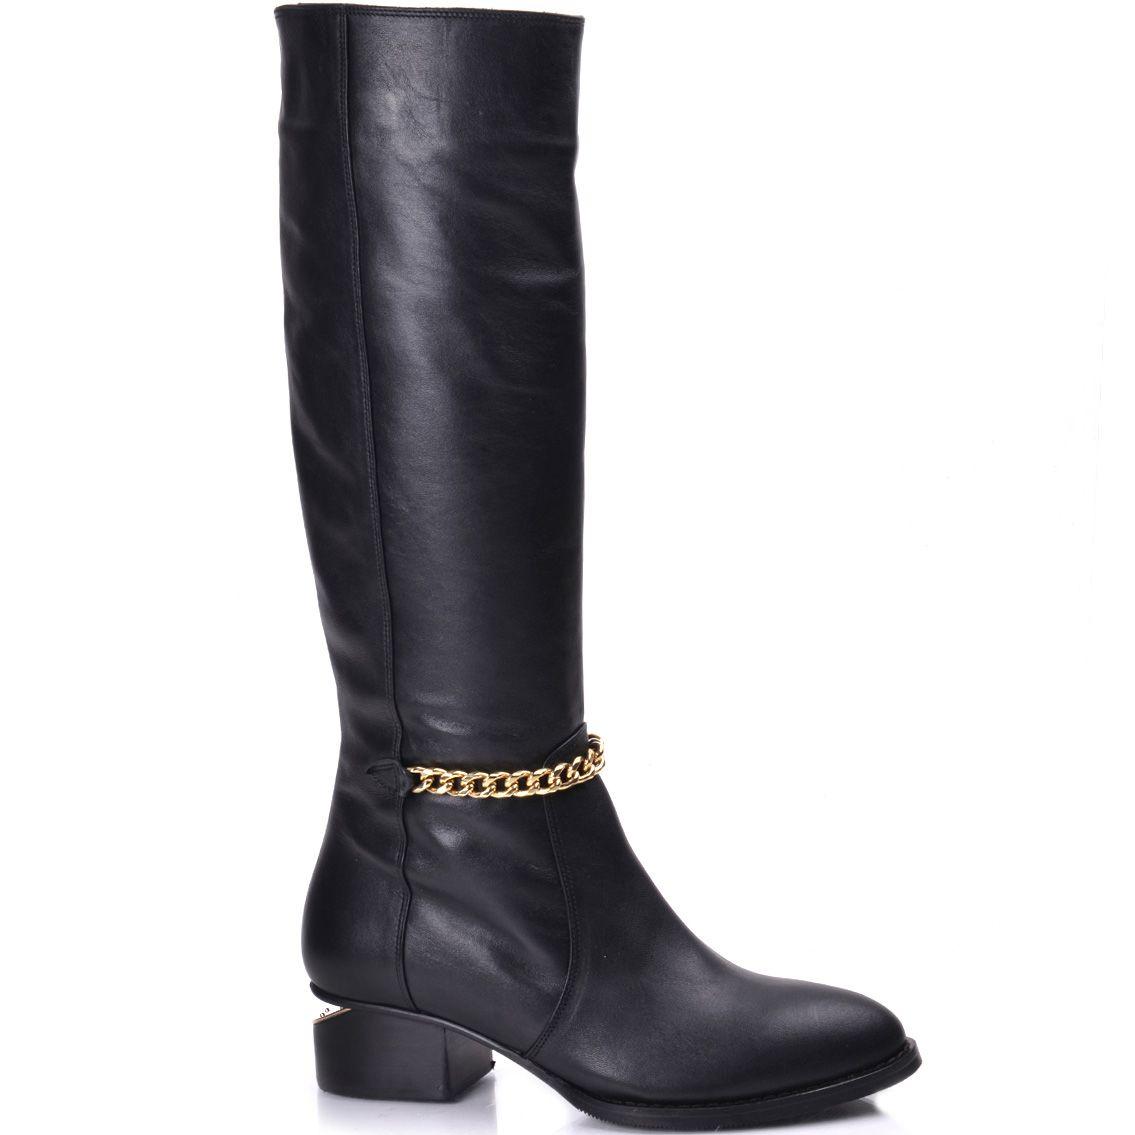 Кожаные черные осенние сапоги на широком каблуке Nilufarr с цепью-декором